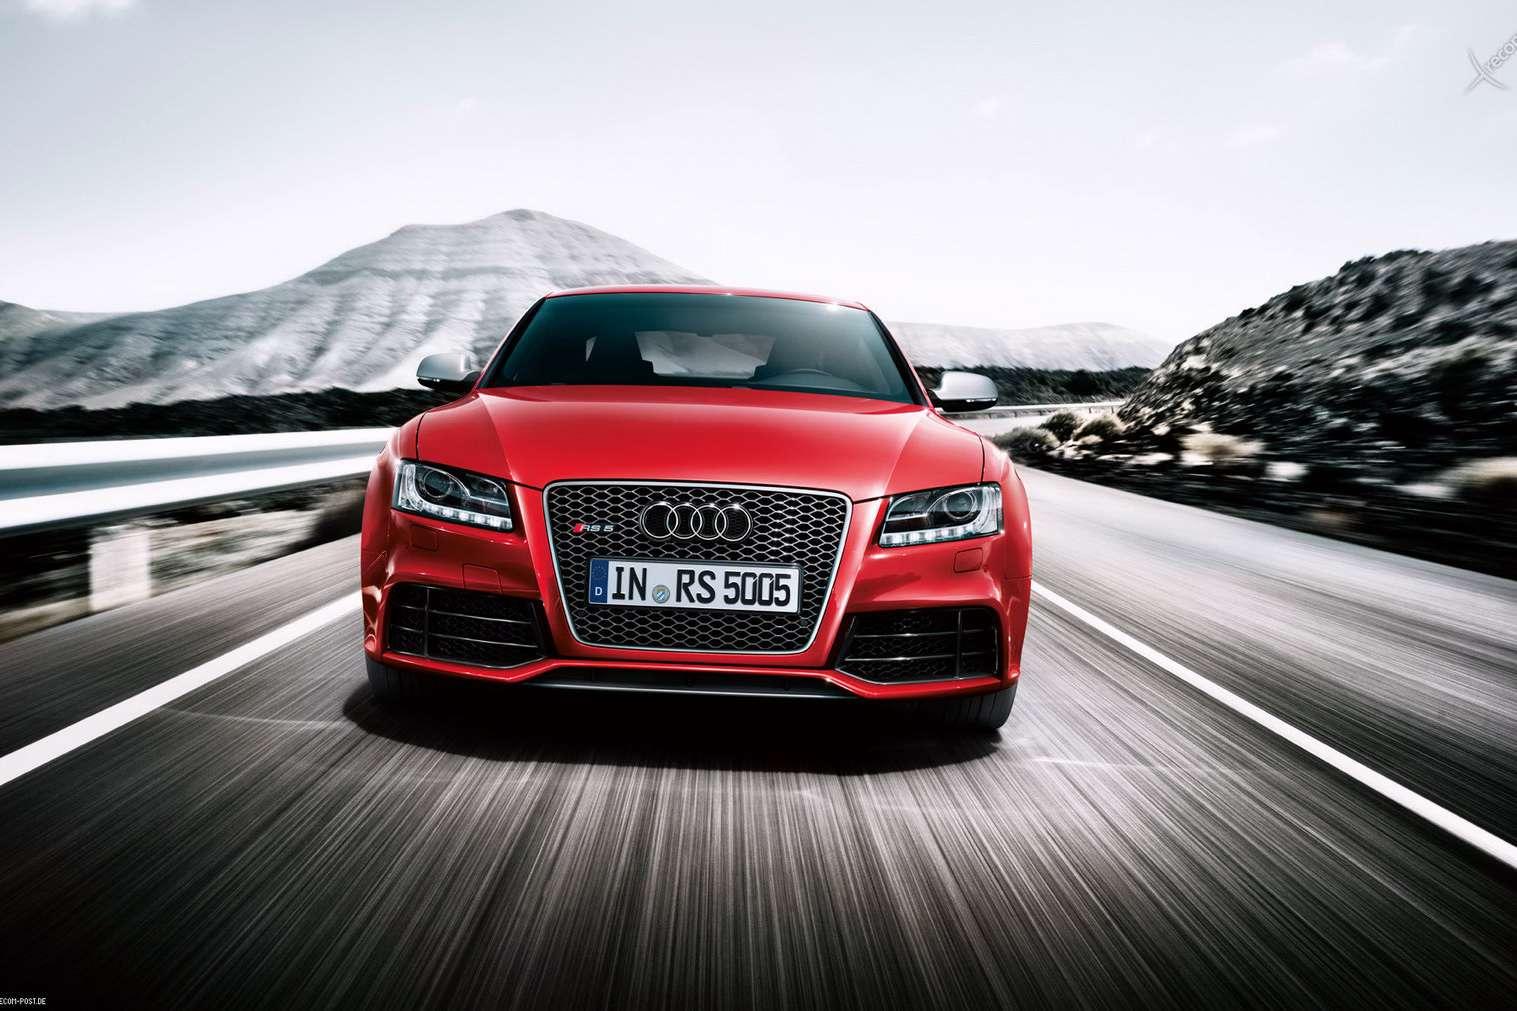 Audi RS5 2011 broszura luty 2010